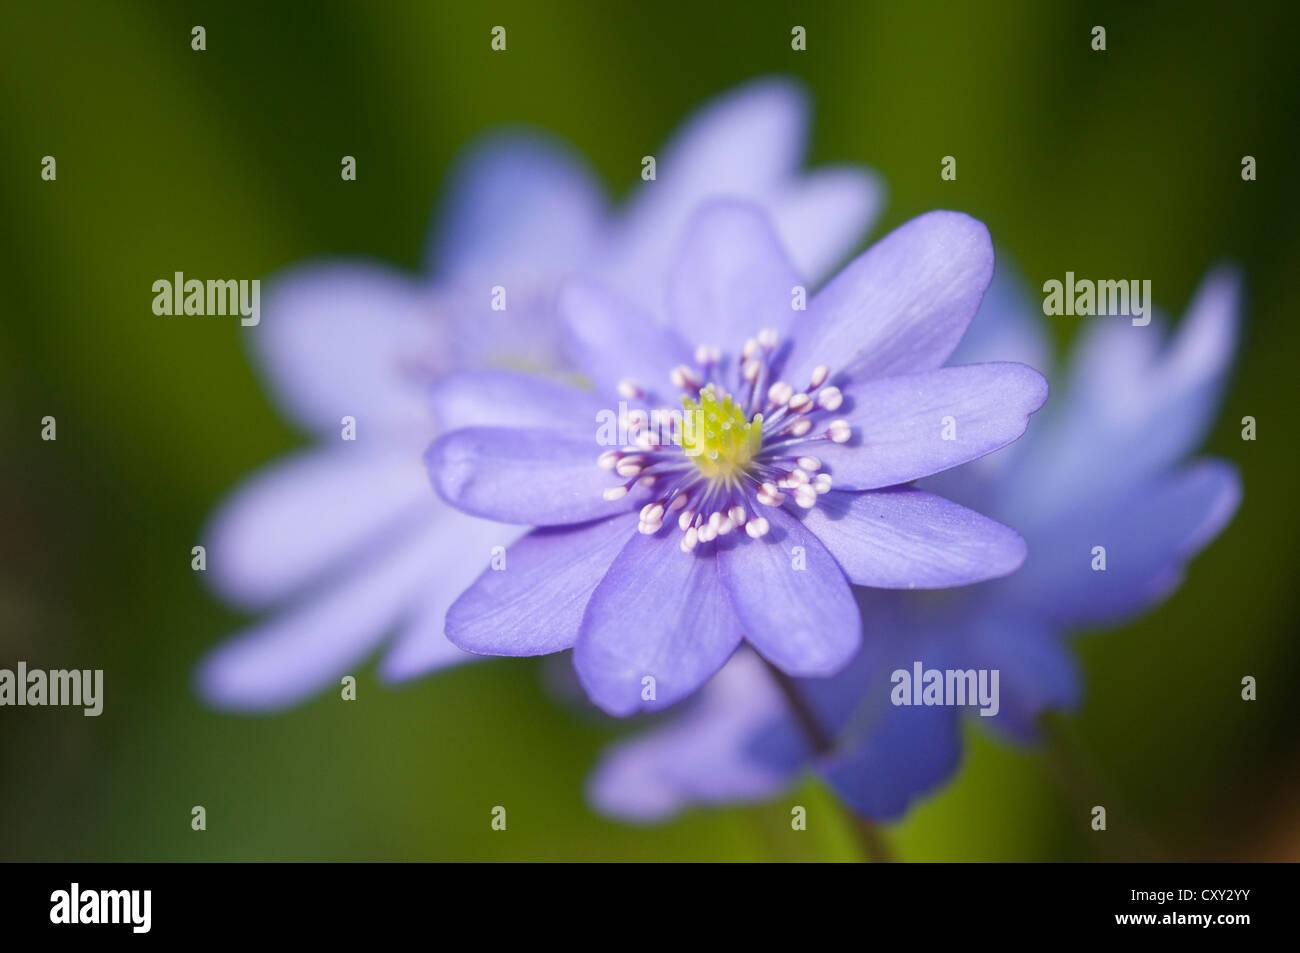 Blue Jewel (Hepatica transsylvanica), Haren, Emsland, Lower Saxony - Stock Image